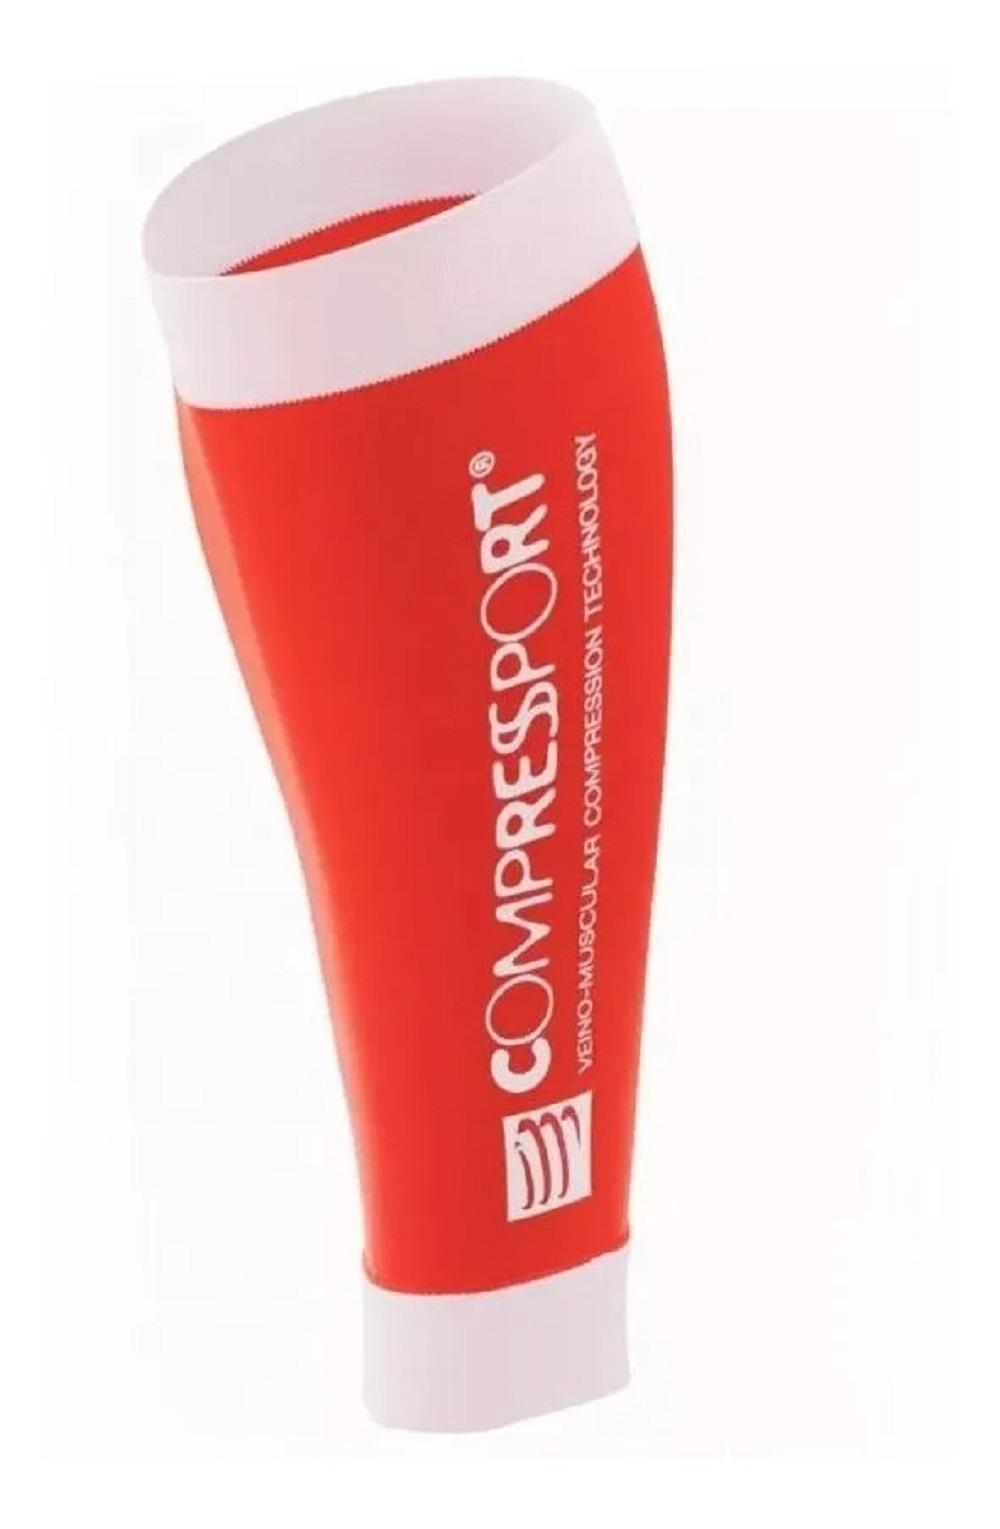 Canelito de Compressão Compressport R2 na cor vermelho